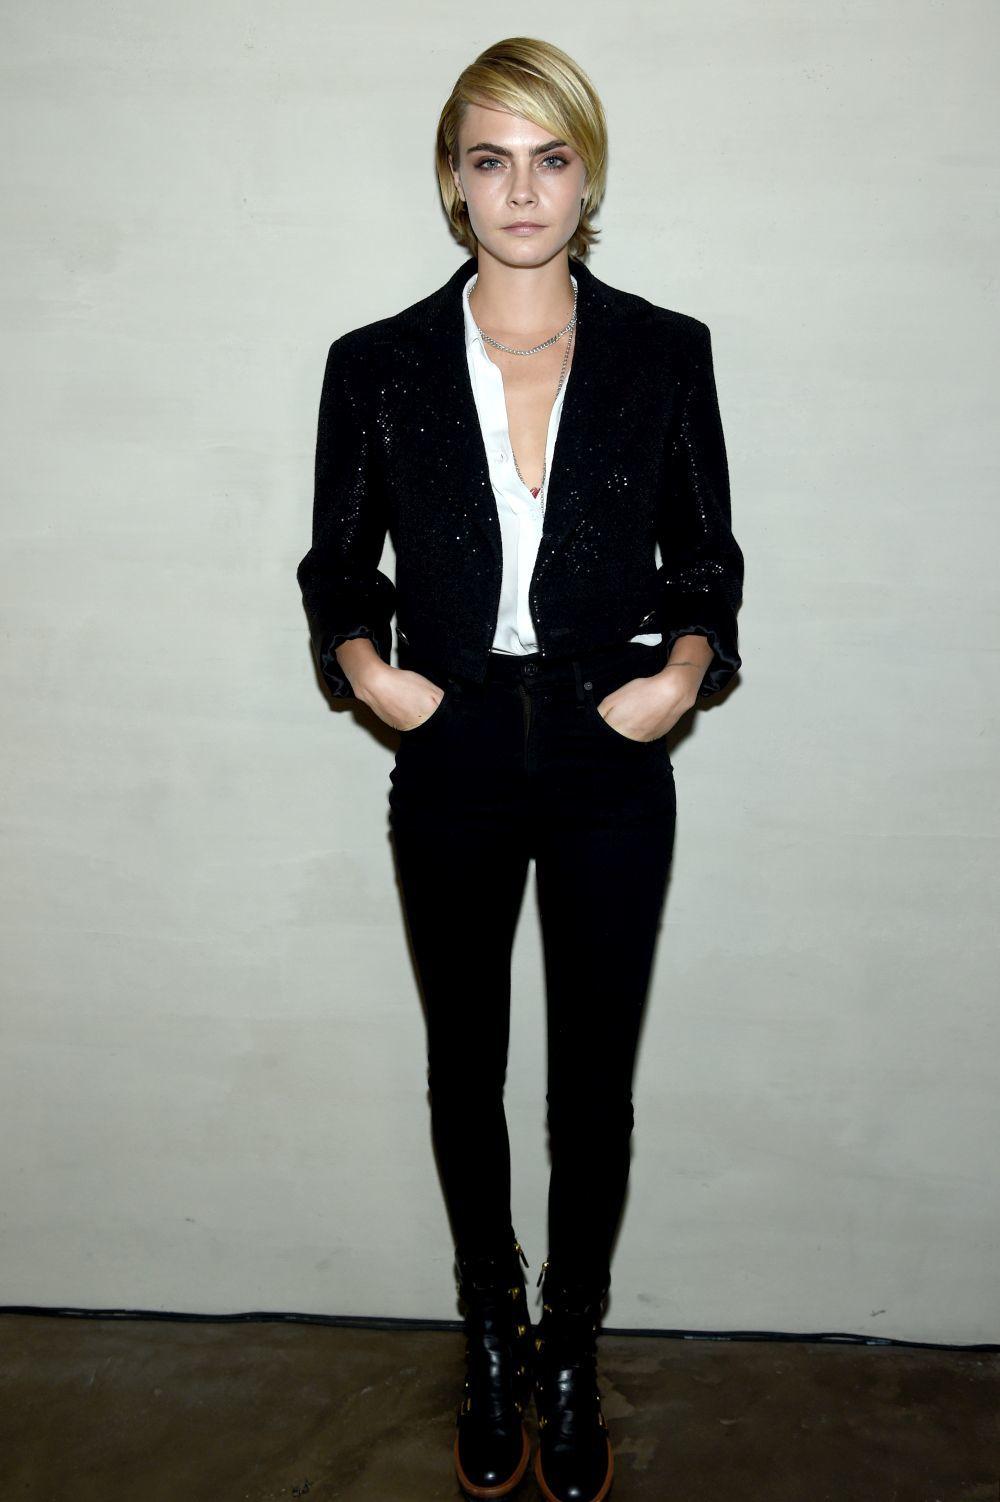 6490ef631 Lo que está claro es que Cara siempre consigue darle su propio estilo a  todos sus looks. Nunca un pantalón negro y una camisa blanca pueden ser  sosos si los ...